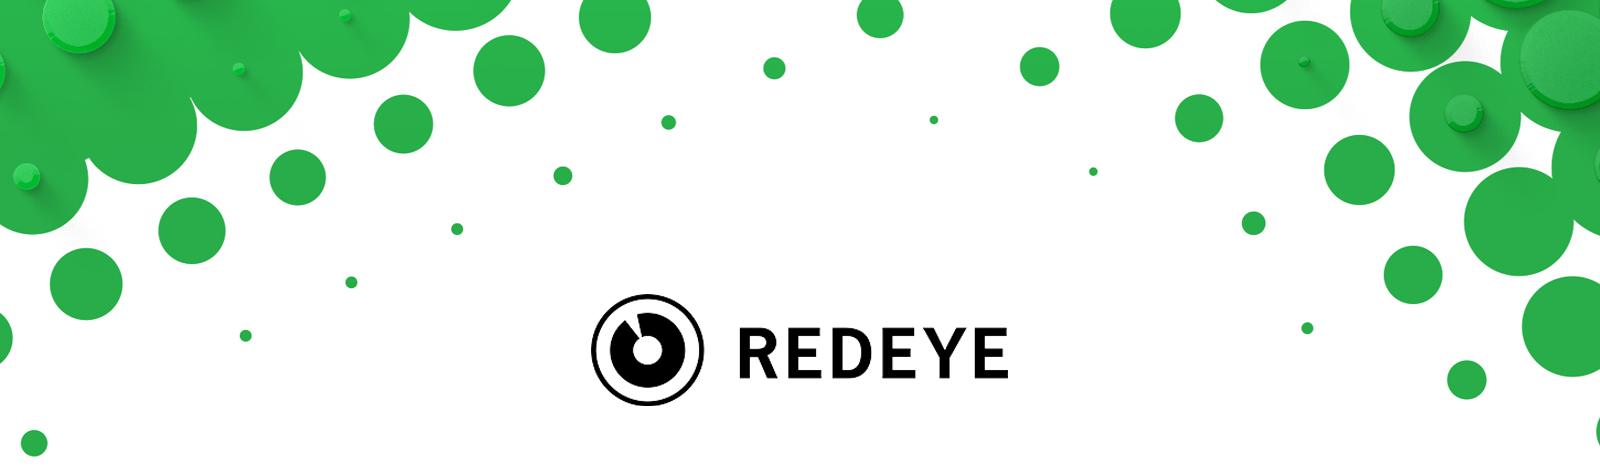 Redeye AB – Online Gambling Day